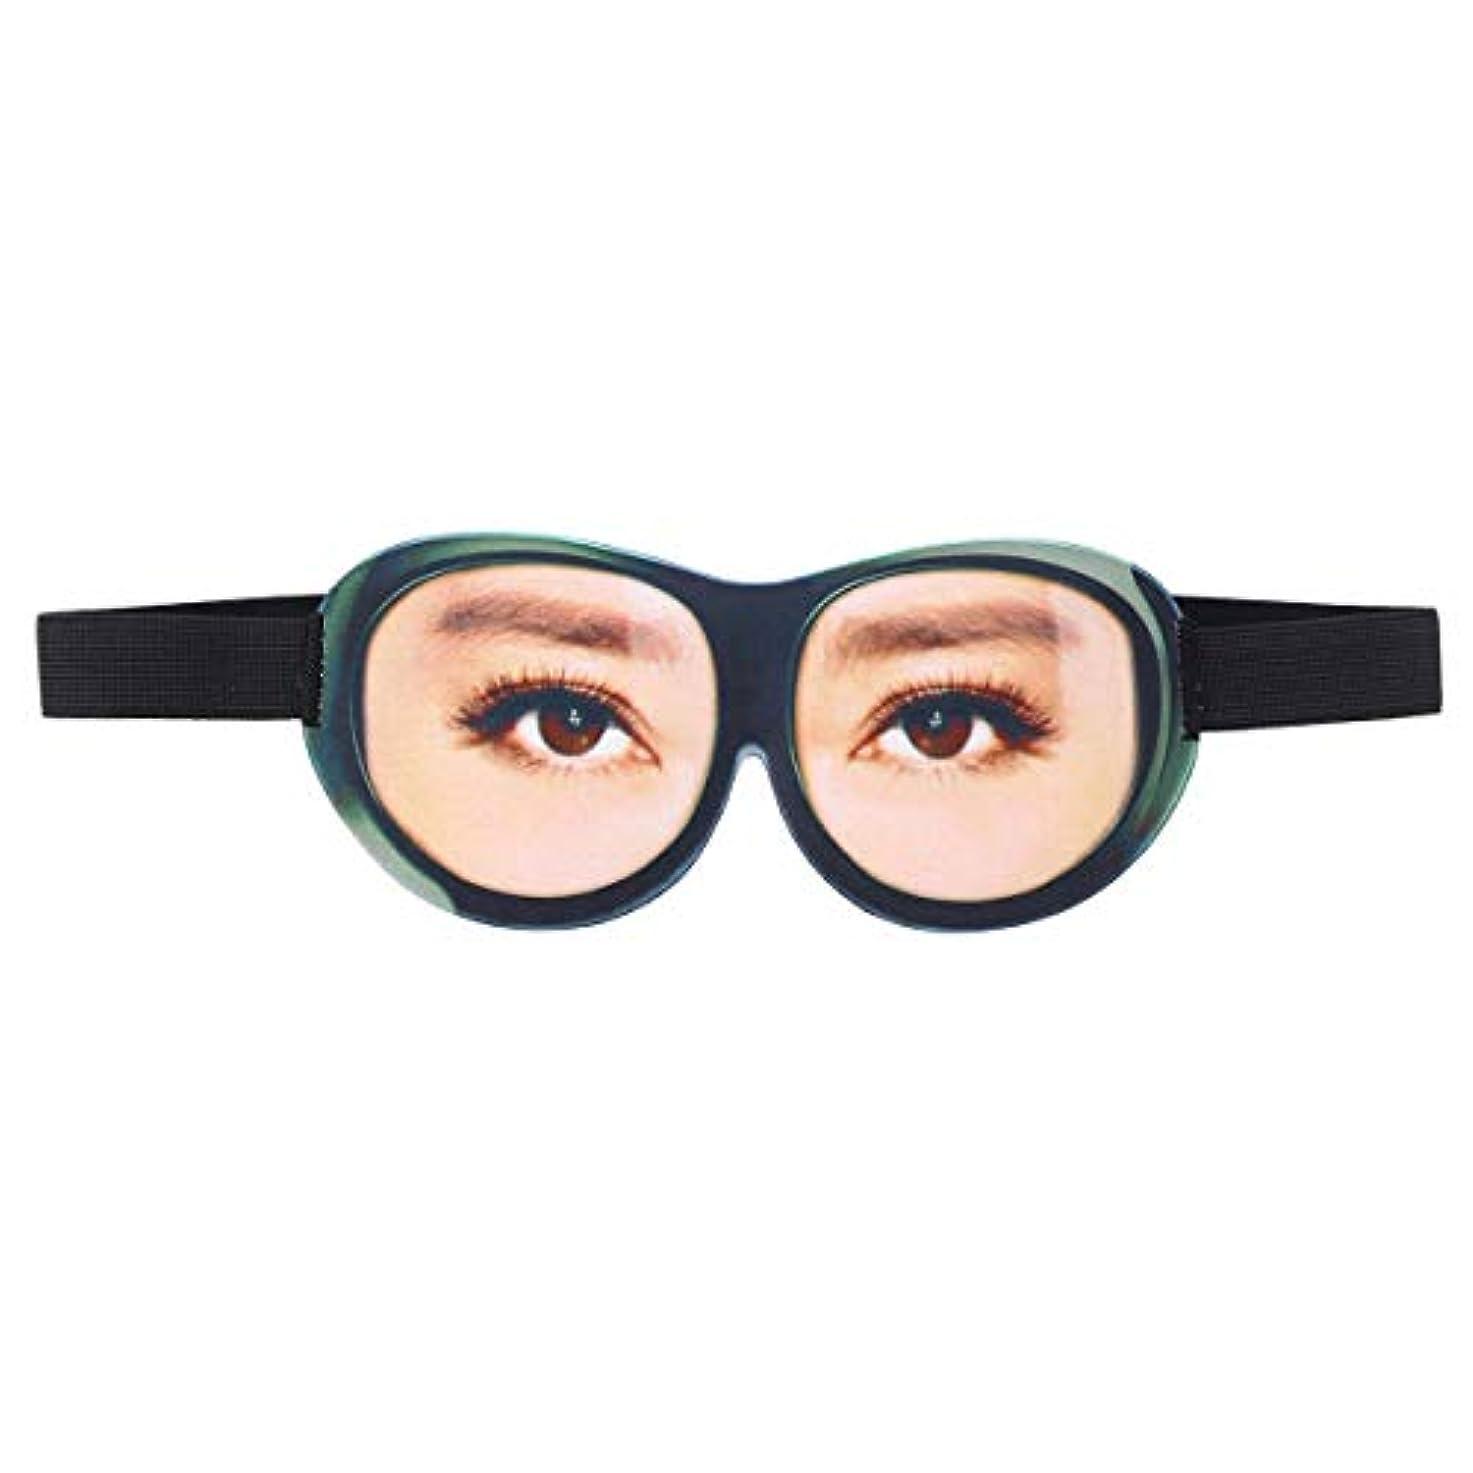 確保する縫う矢印Healifty 睡眠目隠し3D面白いアイシェード通気性睡眠マスク旅行睡眠ヘルパーアイシェード用男性と女性